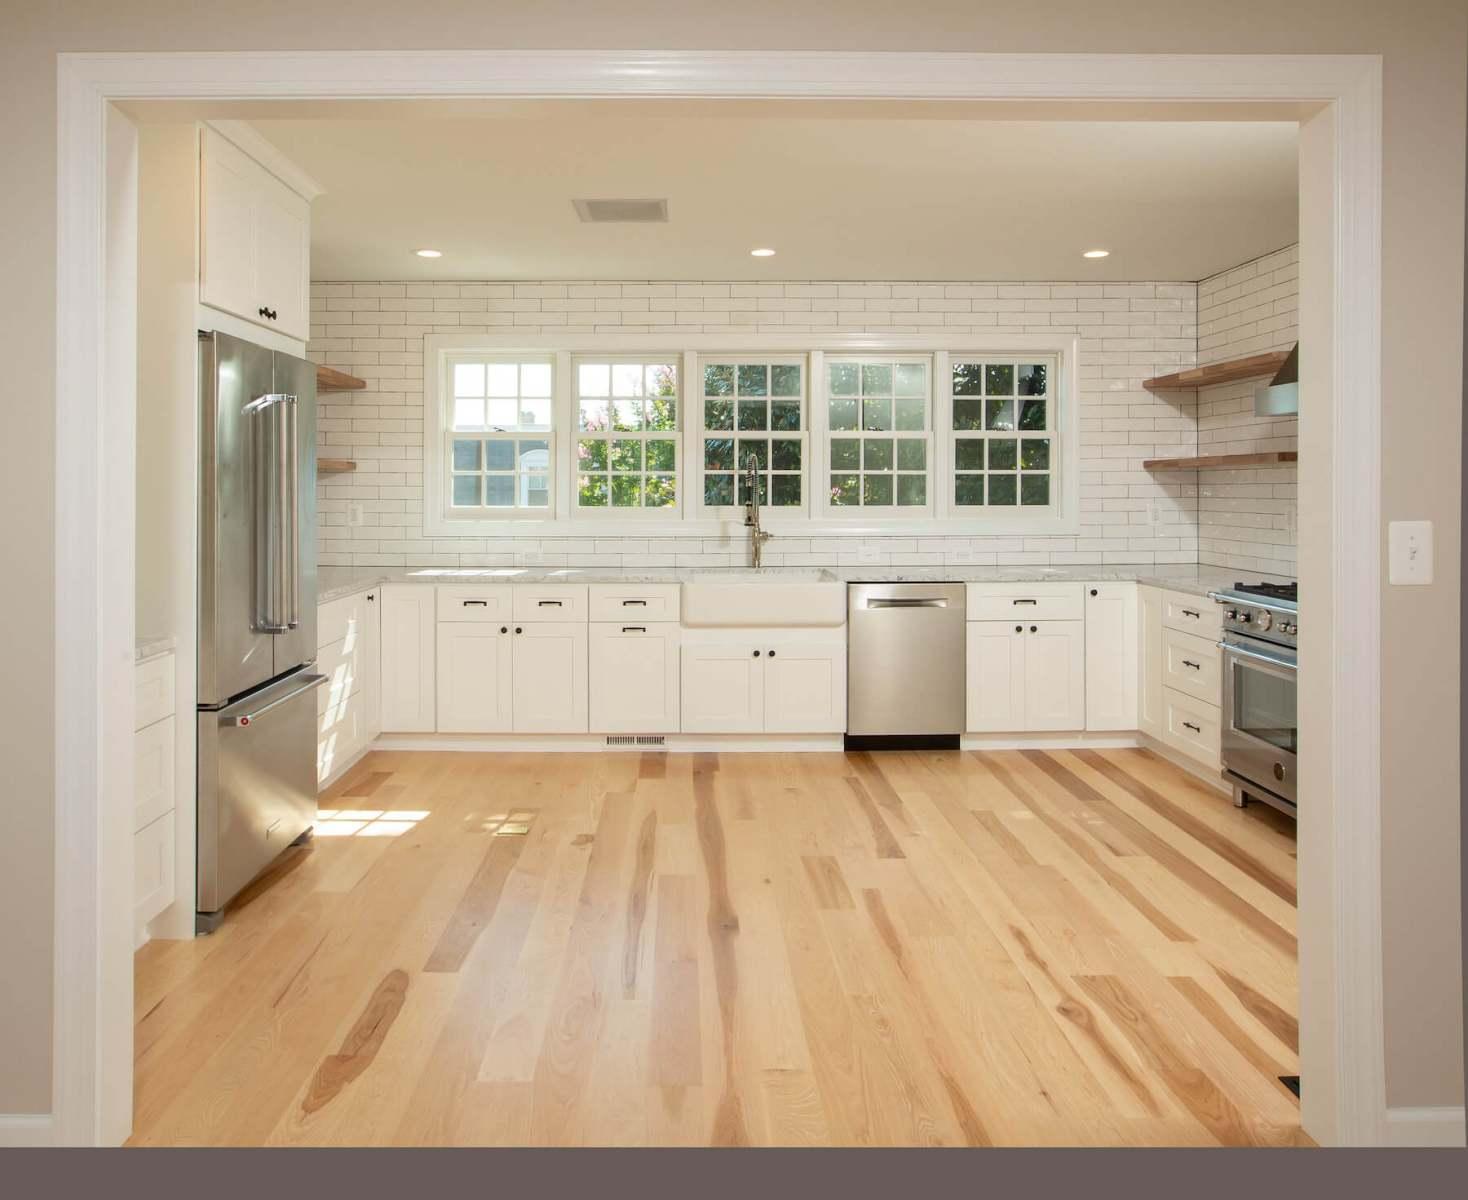 kitchen_crop_8-12-2019_703